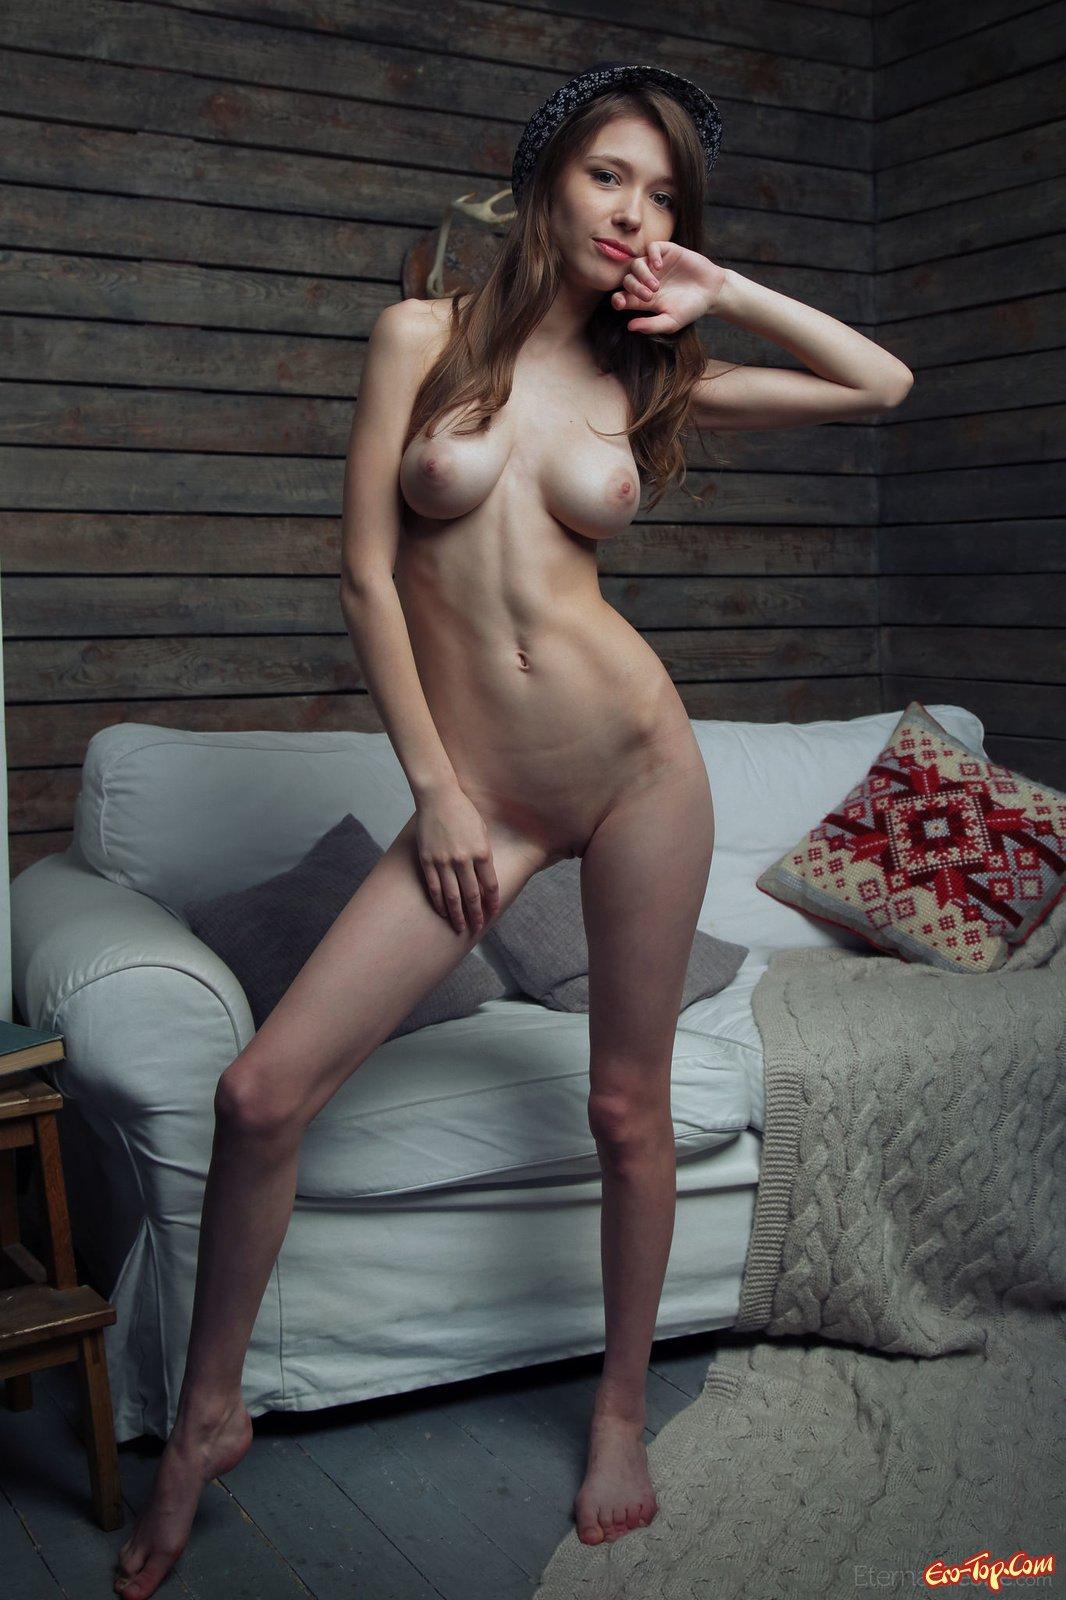 Порно сисястая очень худая